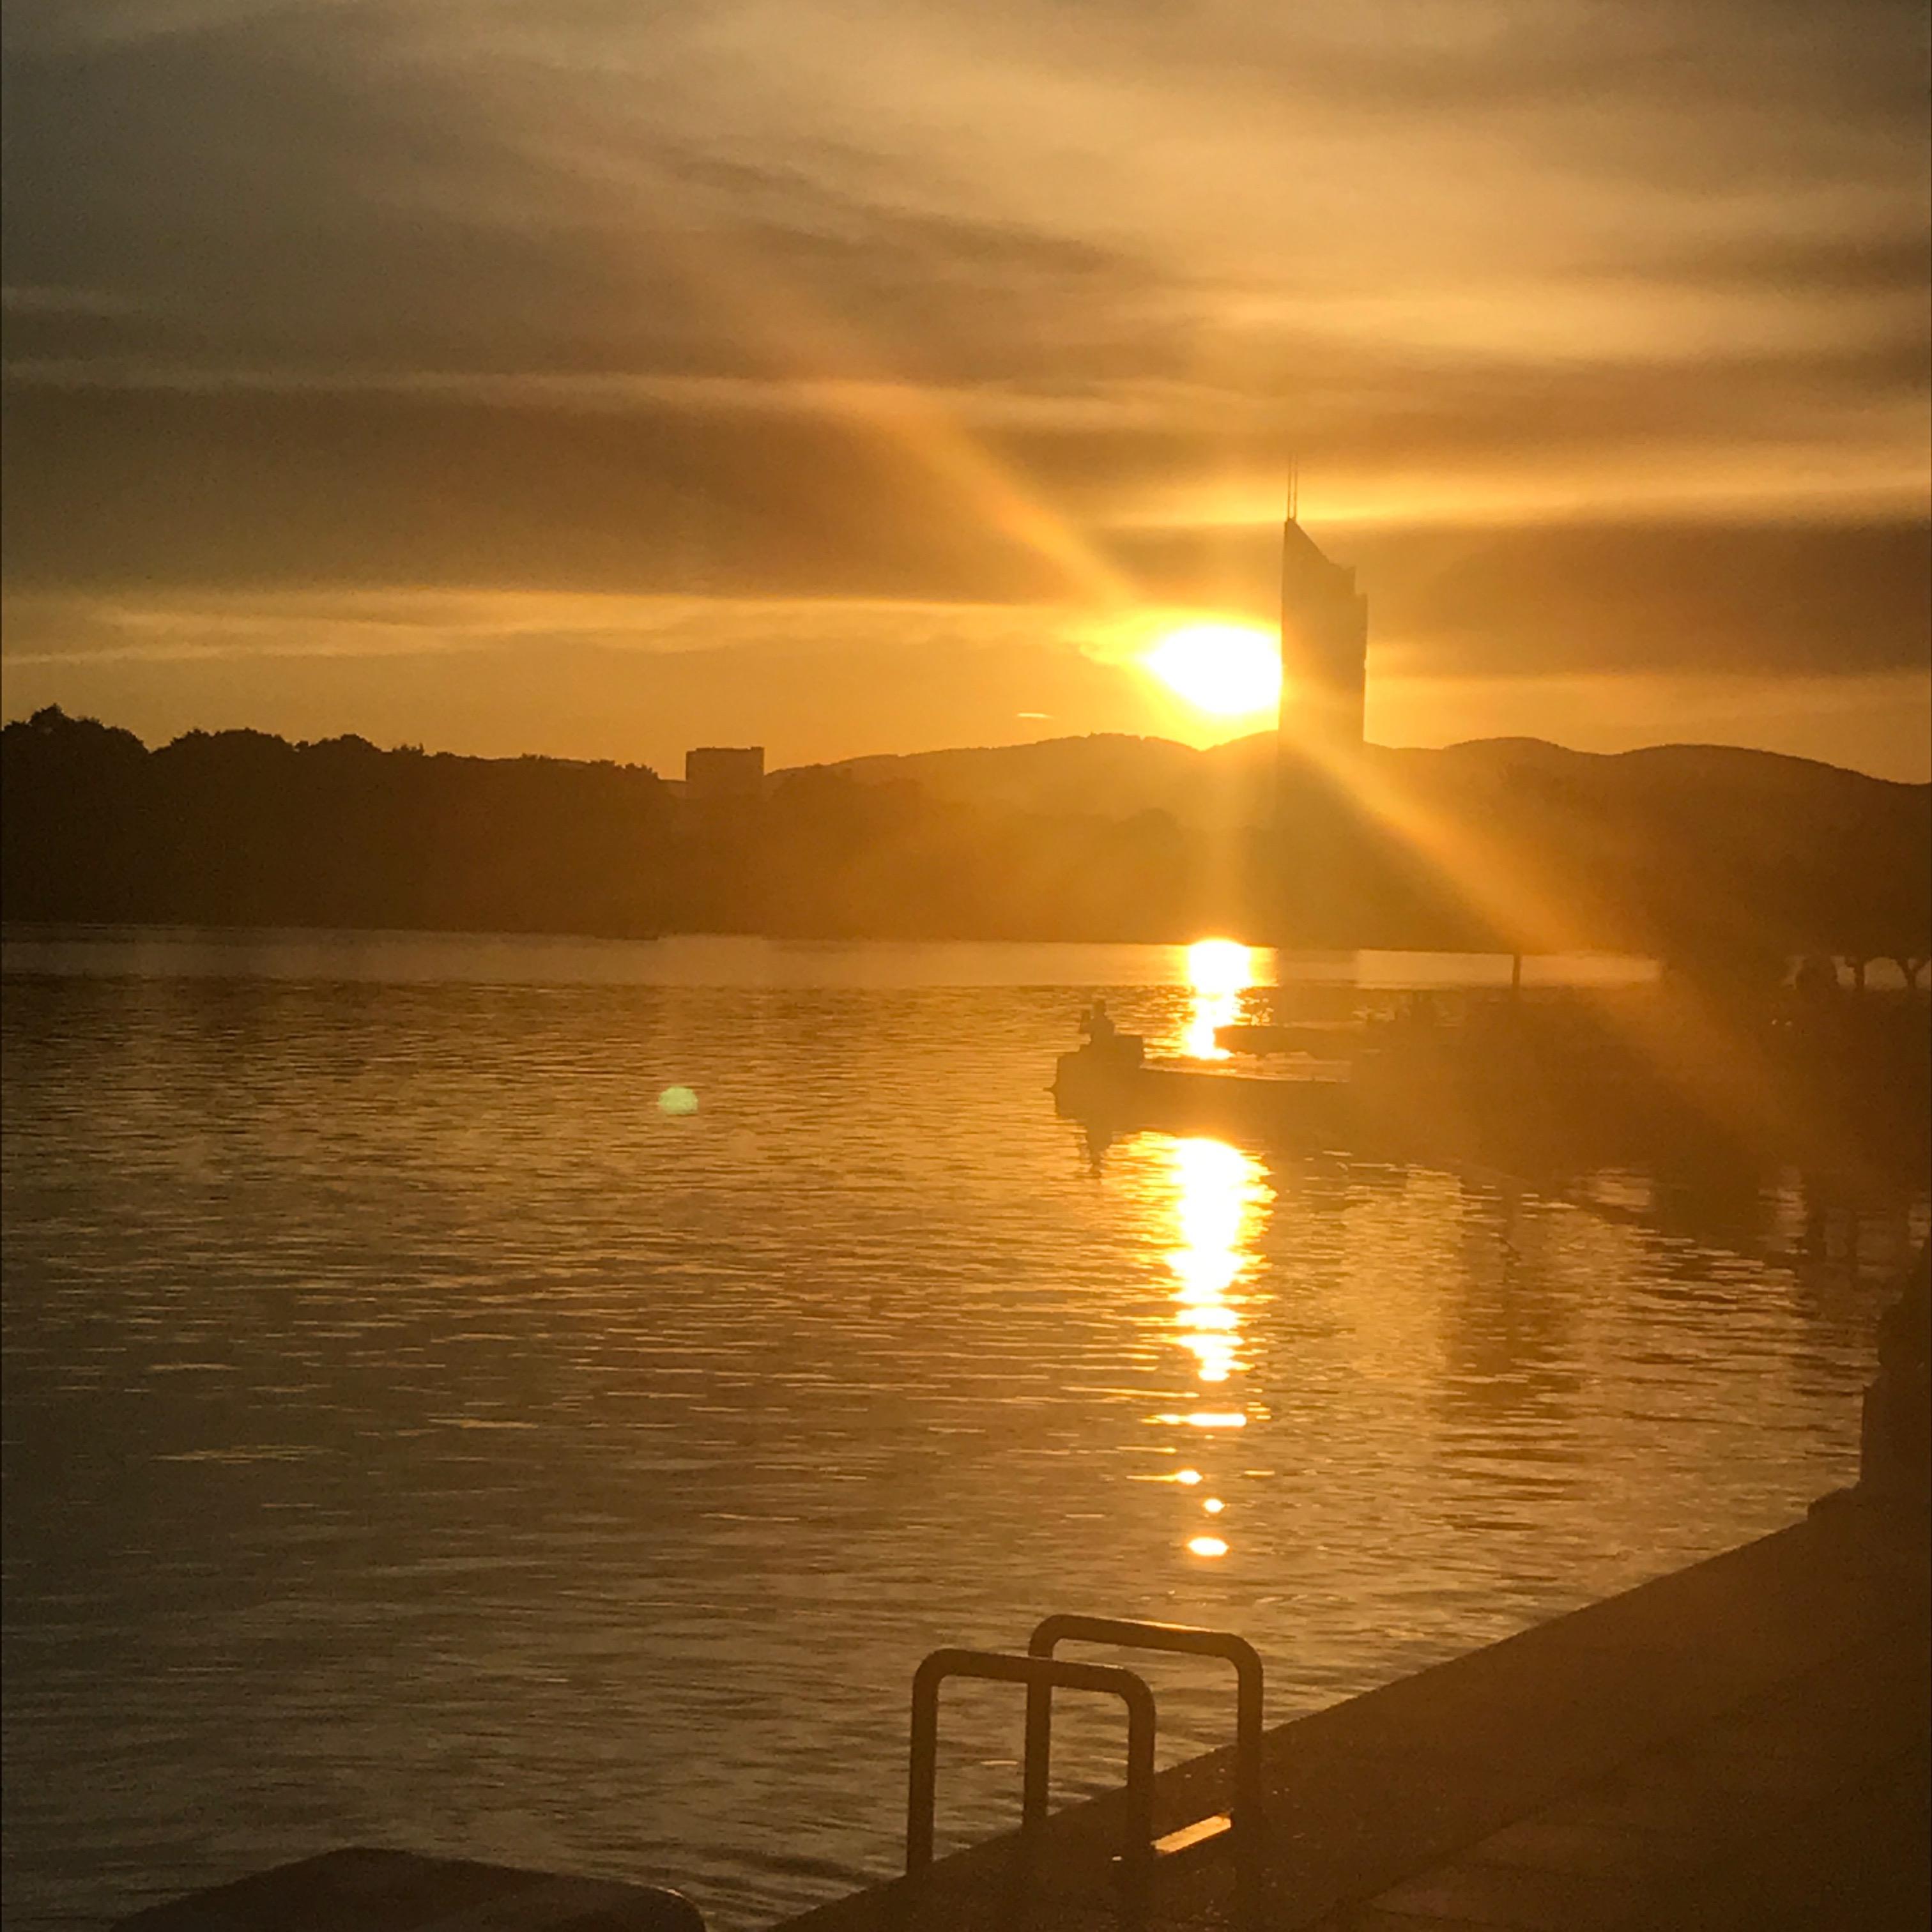 Sonnenuntergang CopaBeach Vienna